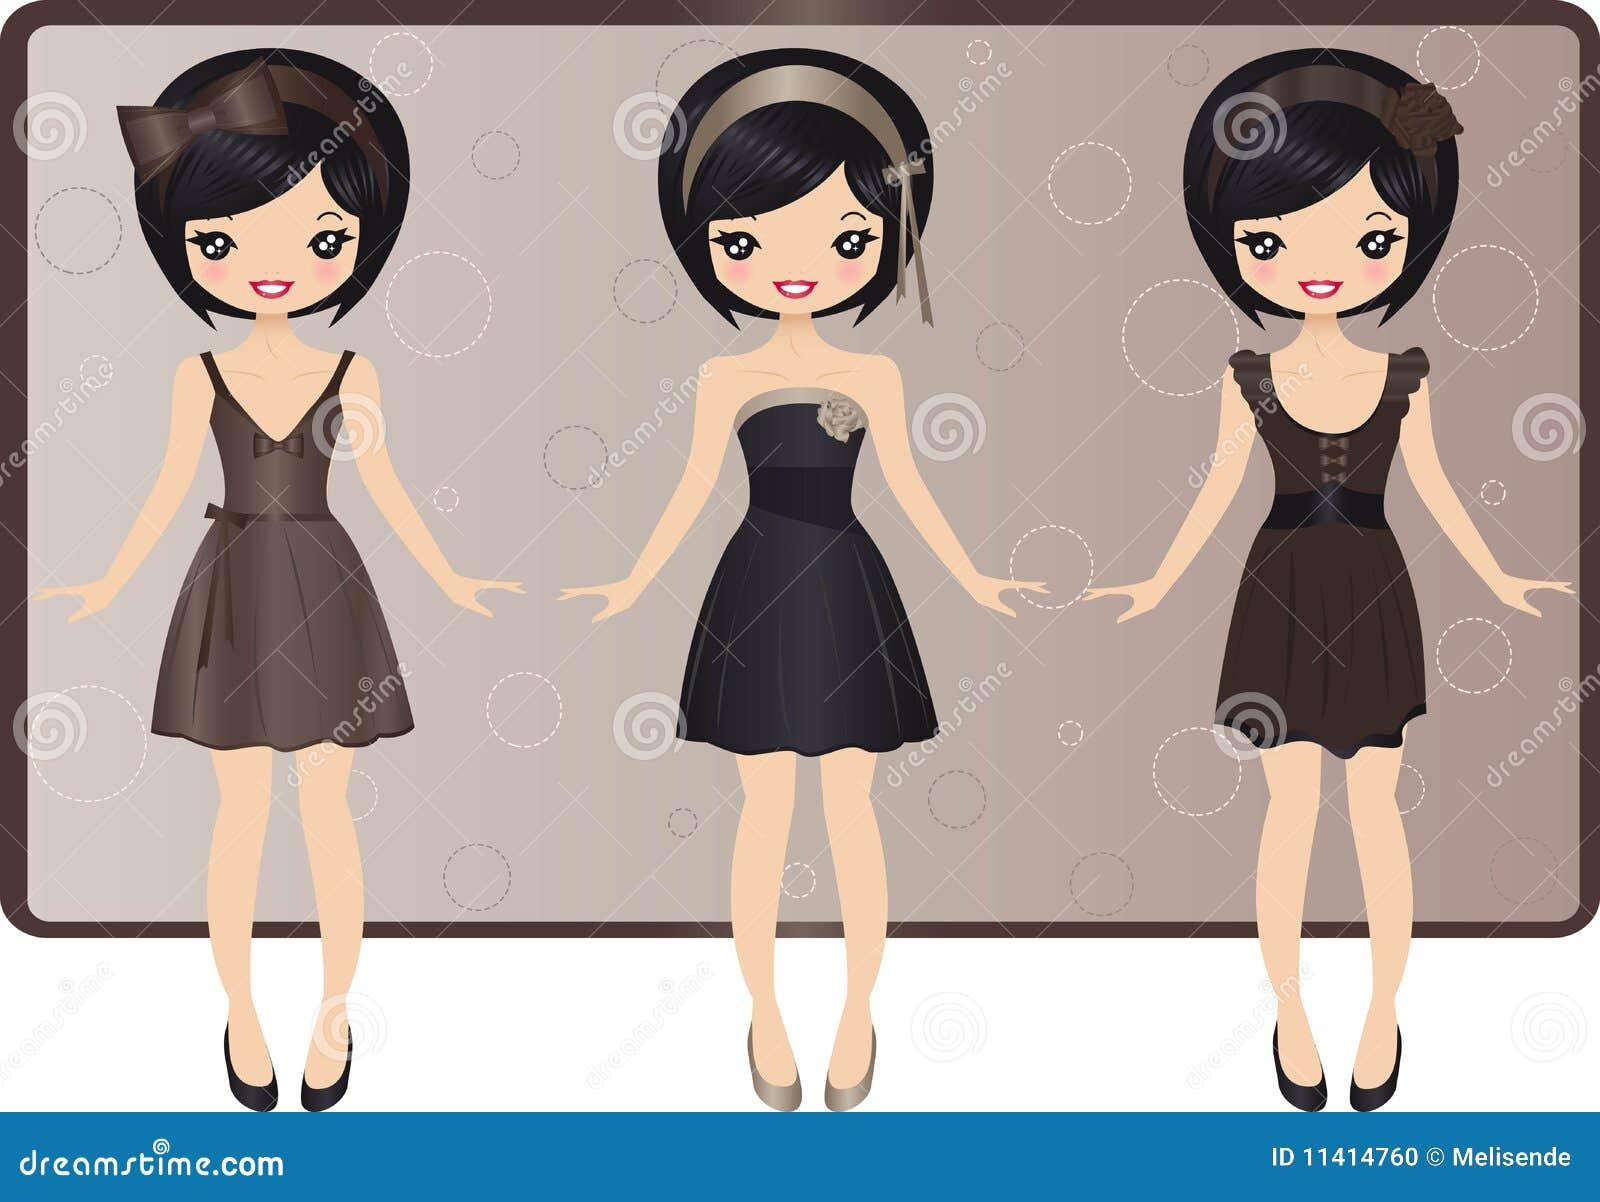 平衡女孩集合佩带的逗人喜爱的礼服.图片